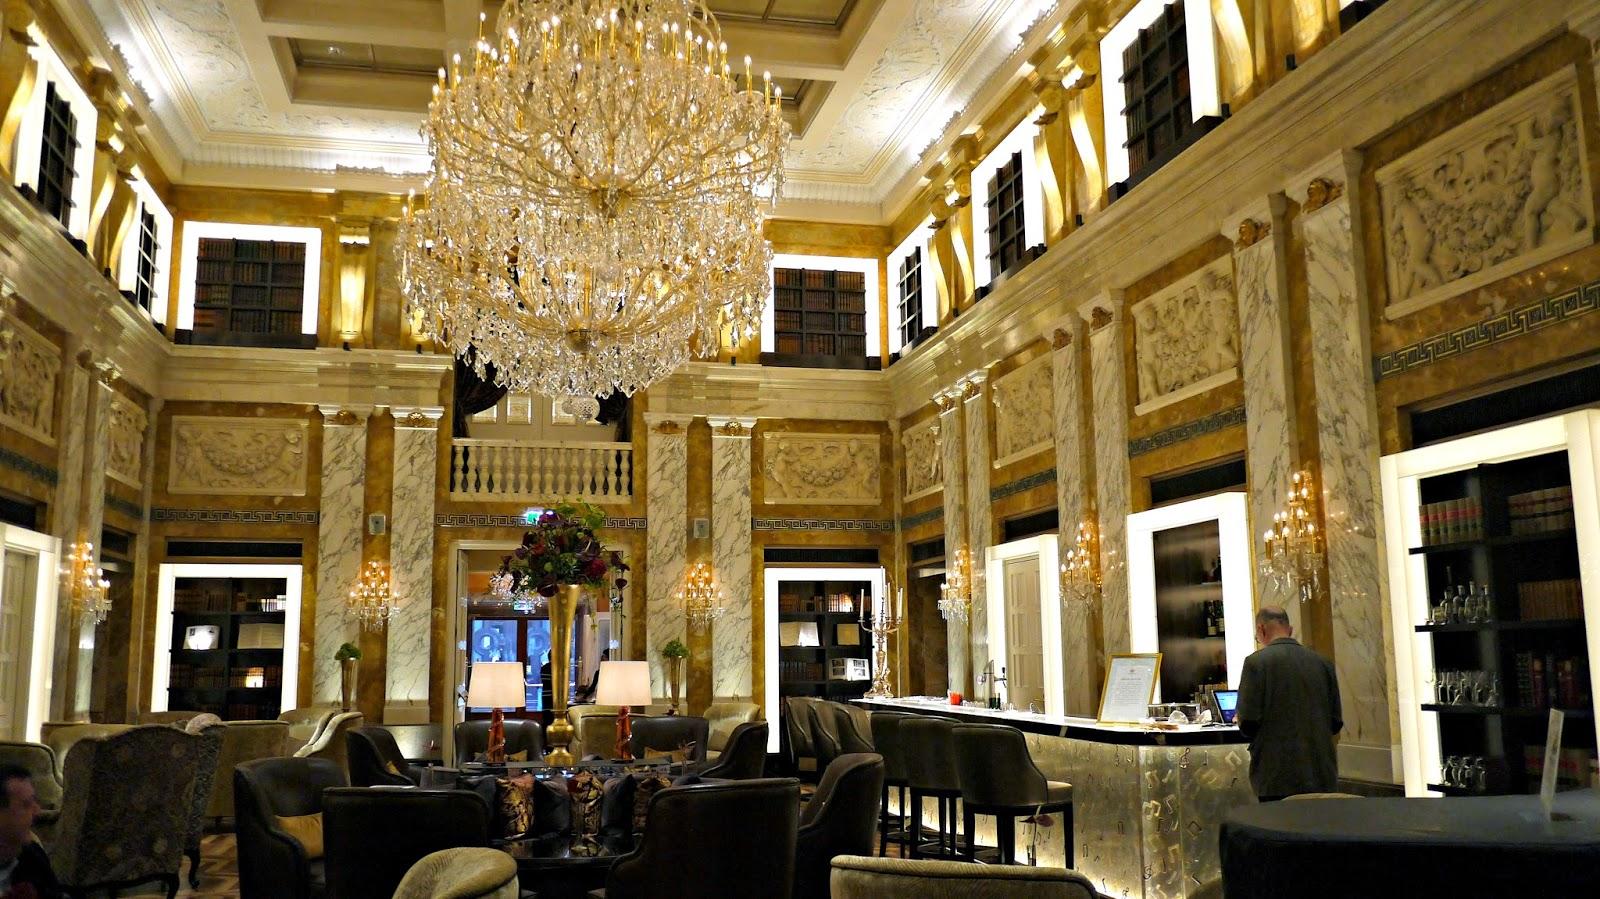 Hotel Imperial 1873 HalleNsalon bar